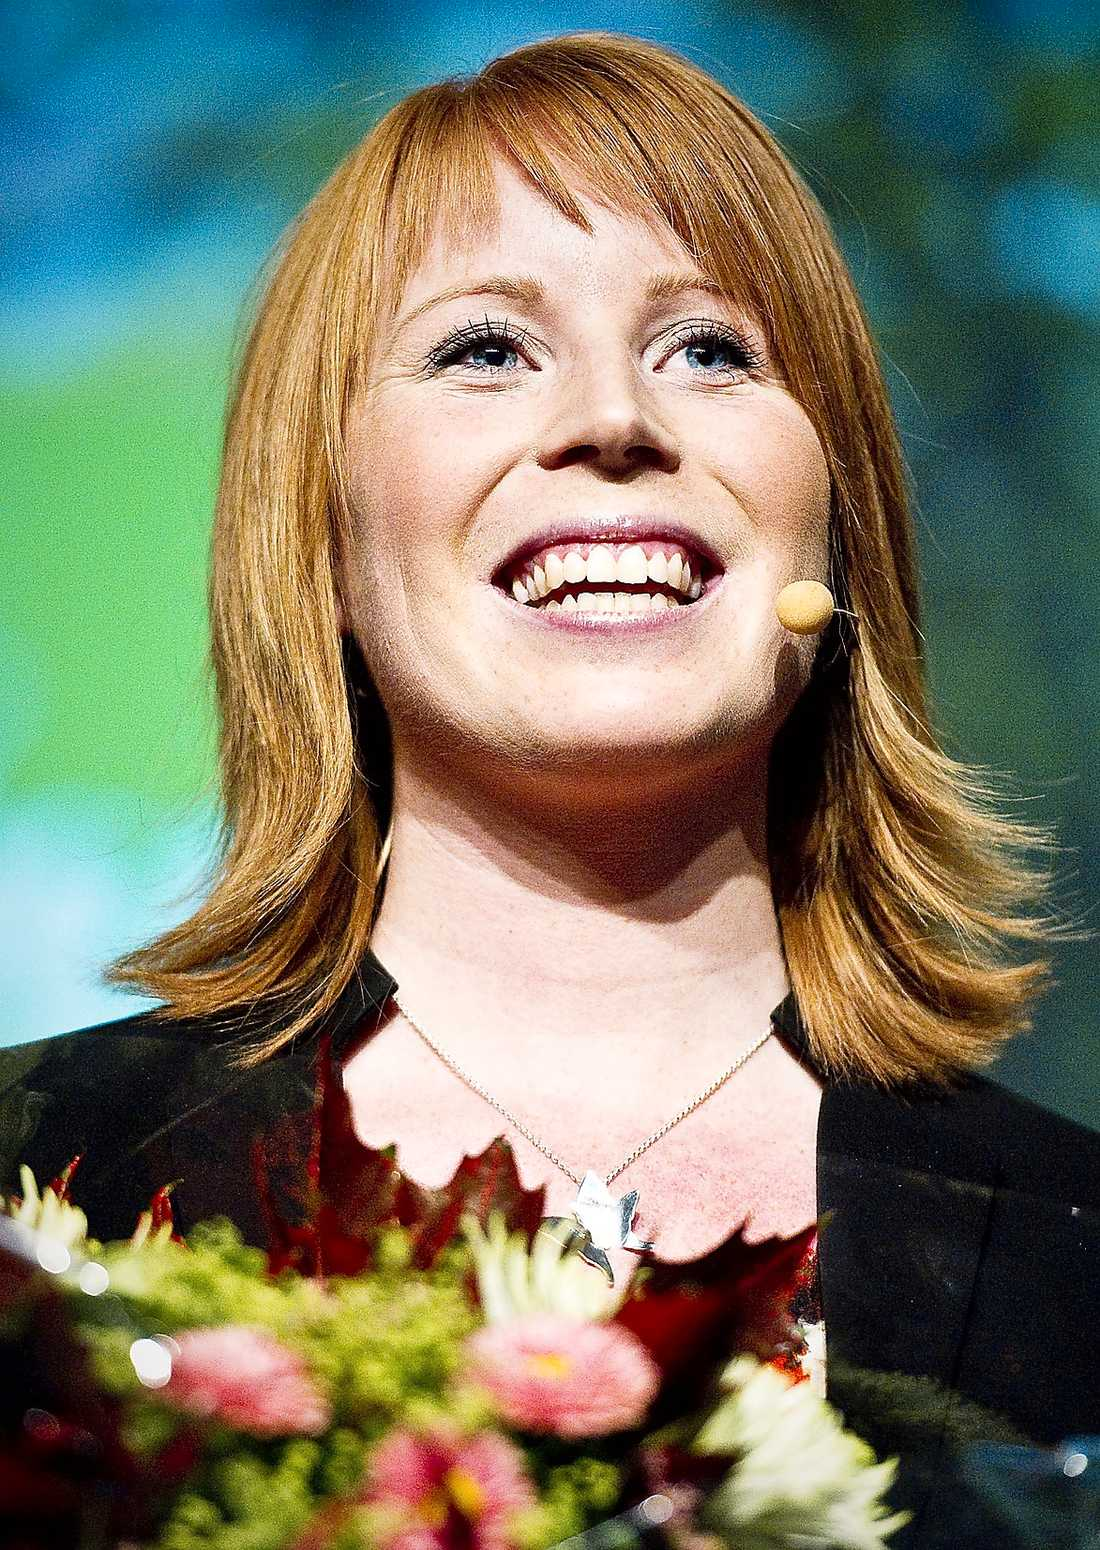 BINGO! Annie Lööf levererade floskel på floskel när hon höll sitt linjetal inför Centerstämman.